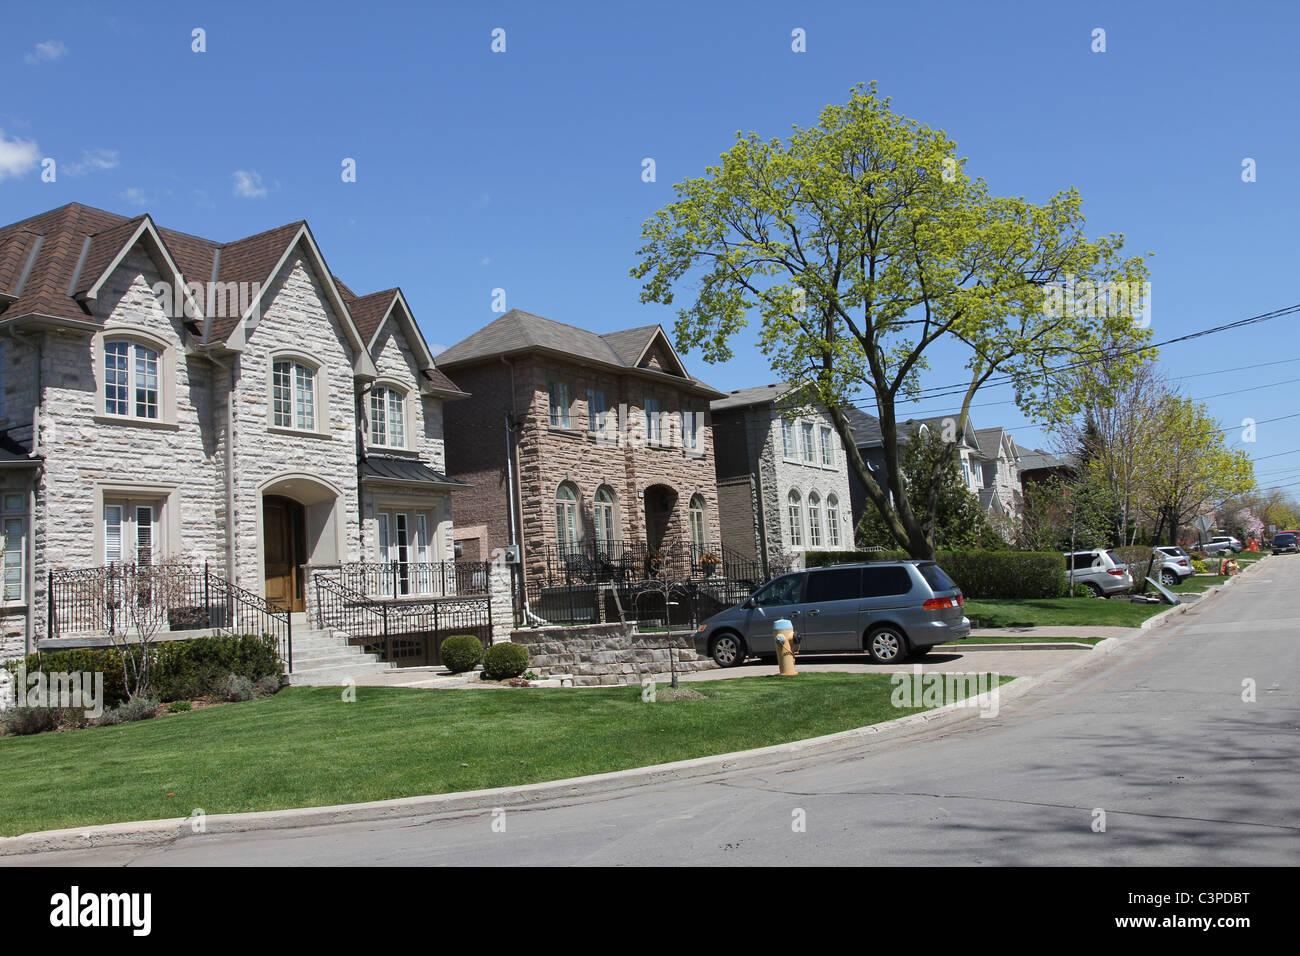 Typischen nordamerikanischen Vorort Straße mit modernen Häusern ...